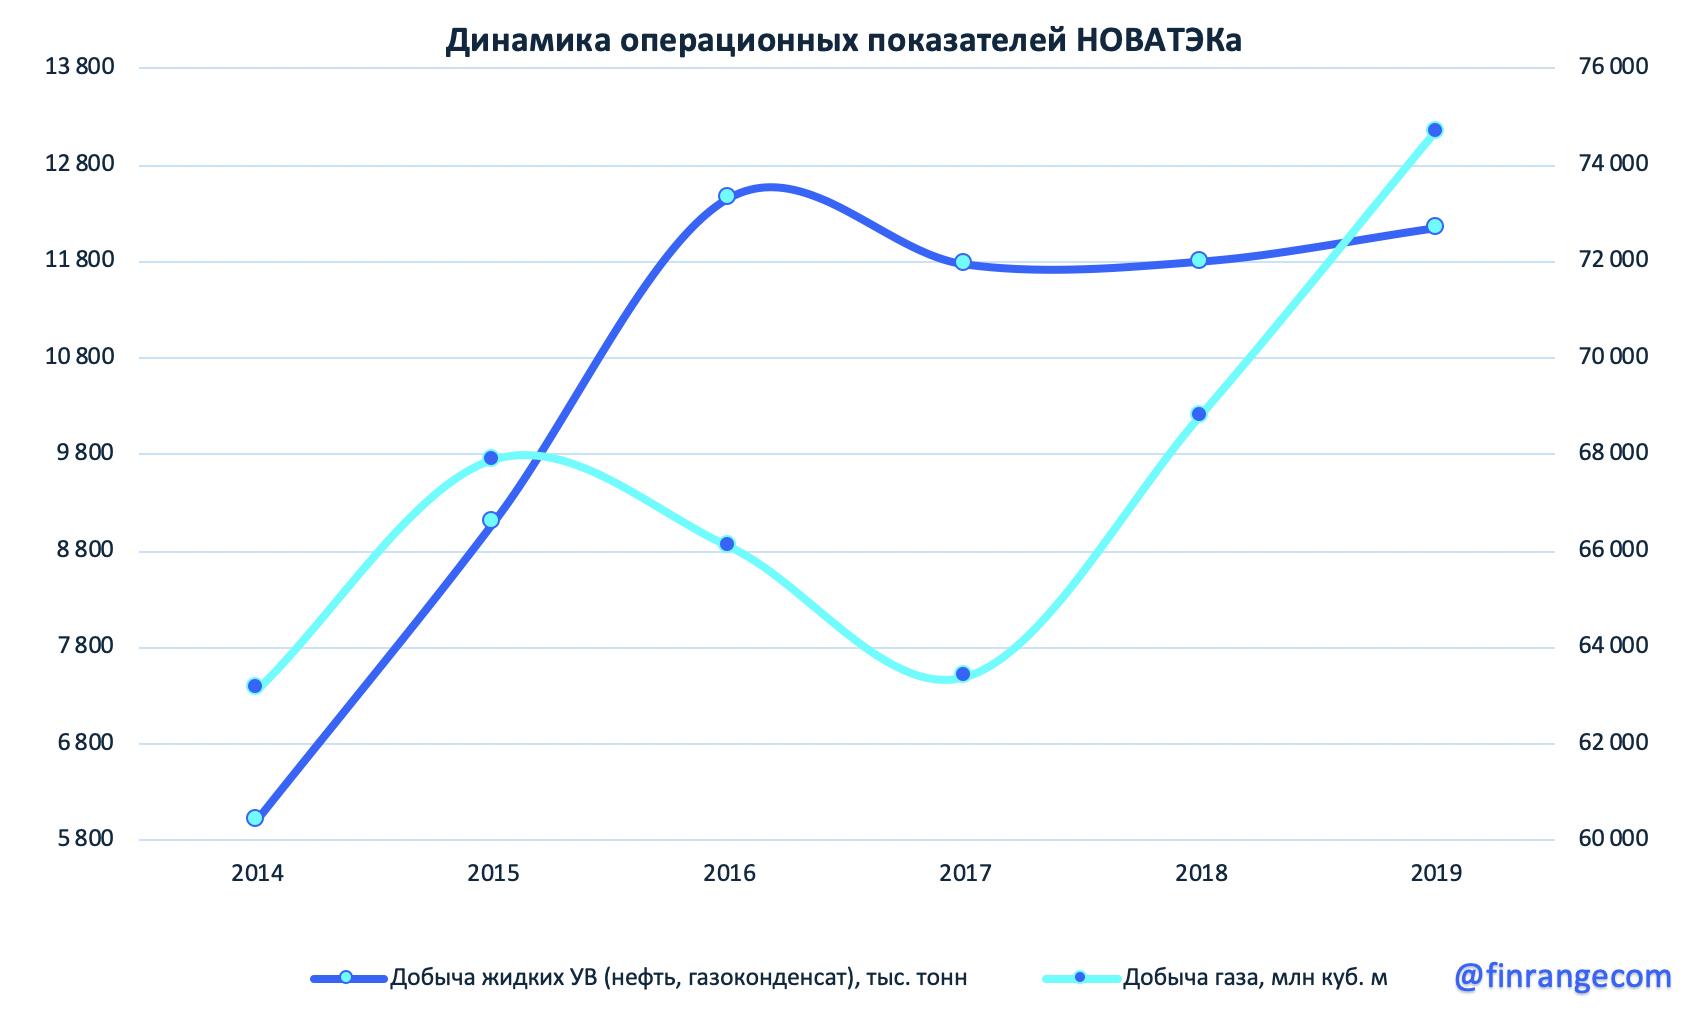 НОВАТЭК предварительные операционные результаты за IV кв. 2019 г.